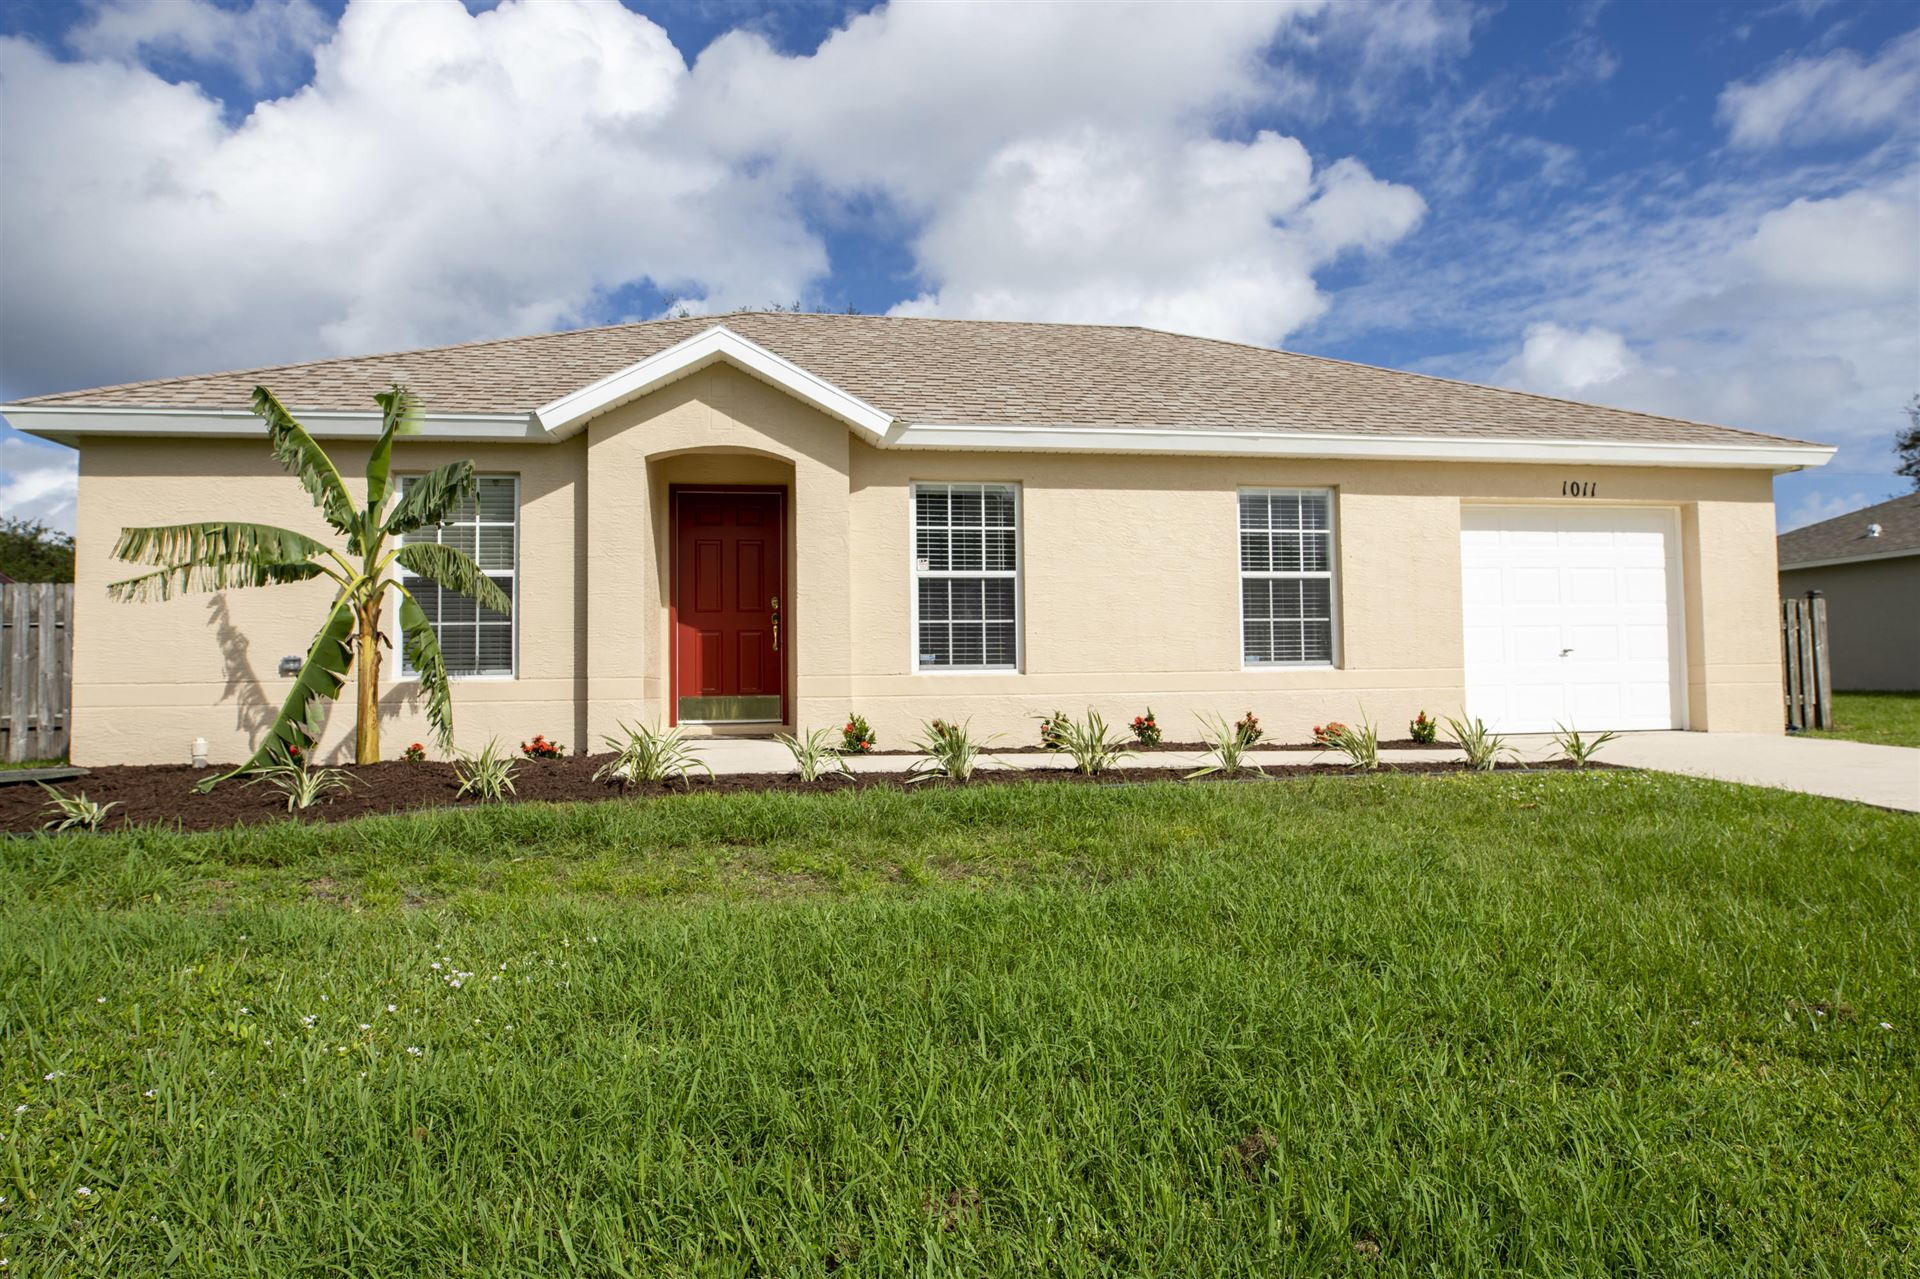 1011 SE Euclid Lane, Port Saint Lucie, FL 34983 - #: RX-10671507